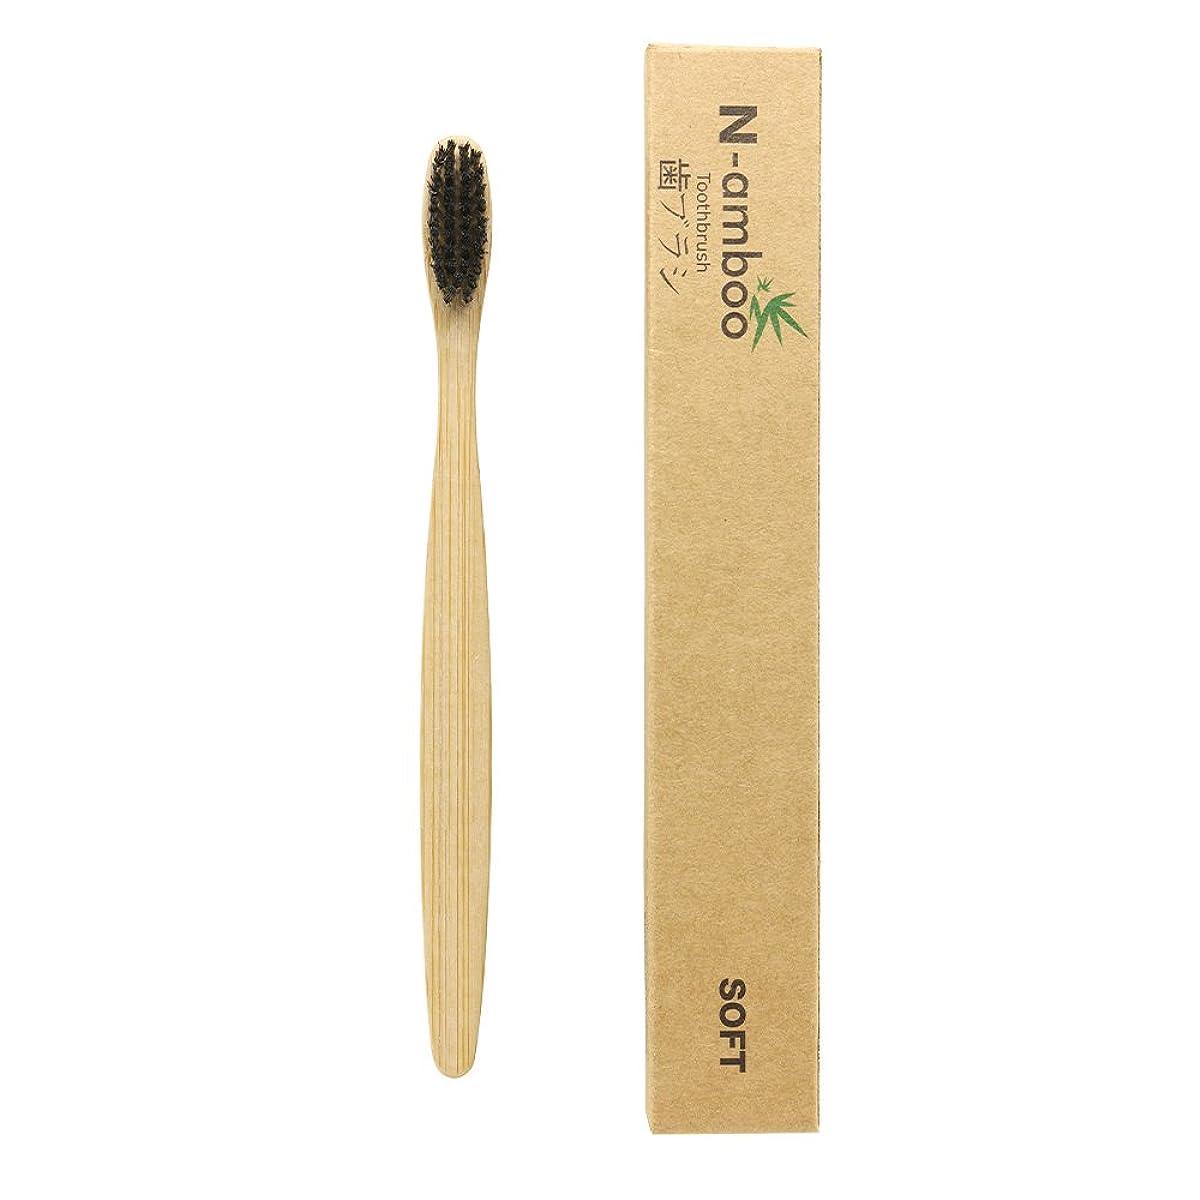 人柄バンドルバブルN-amboo 歯ブラシ 1本入り 竹製 高耐久性 黒 エコ